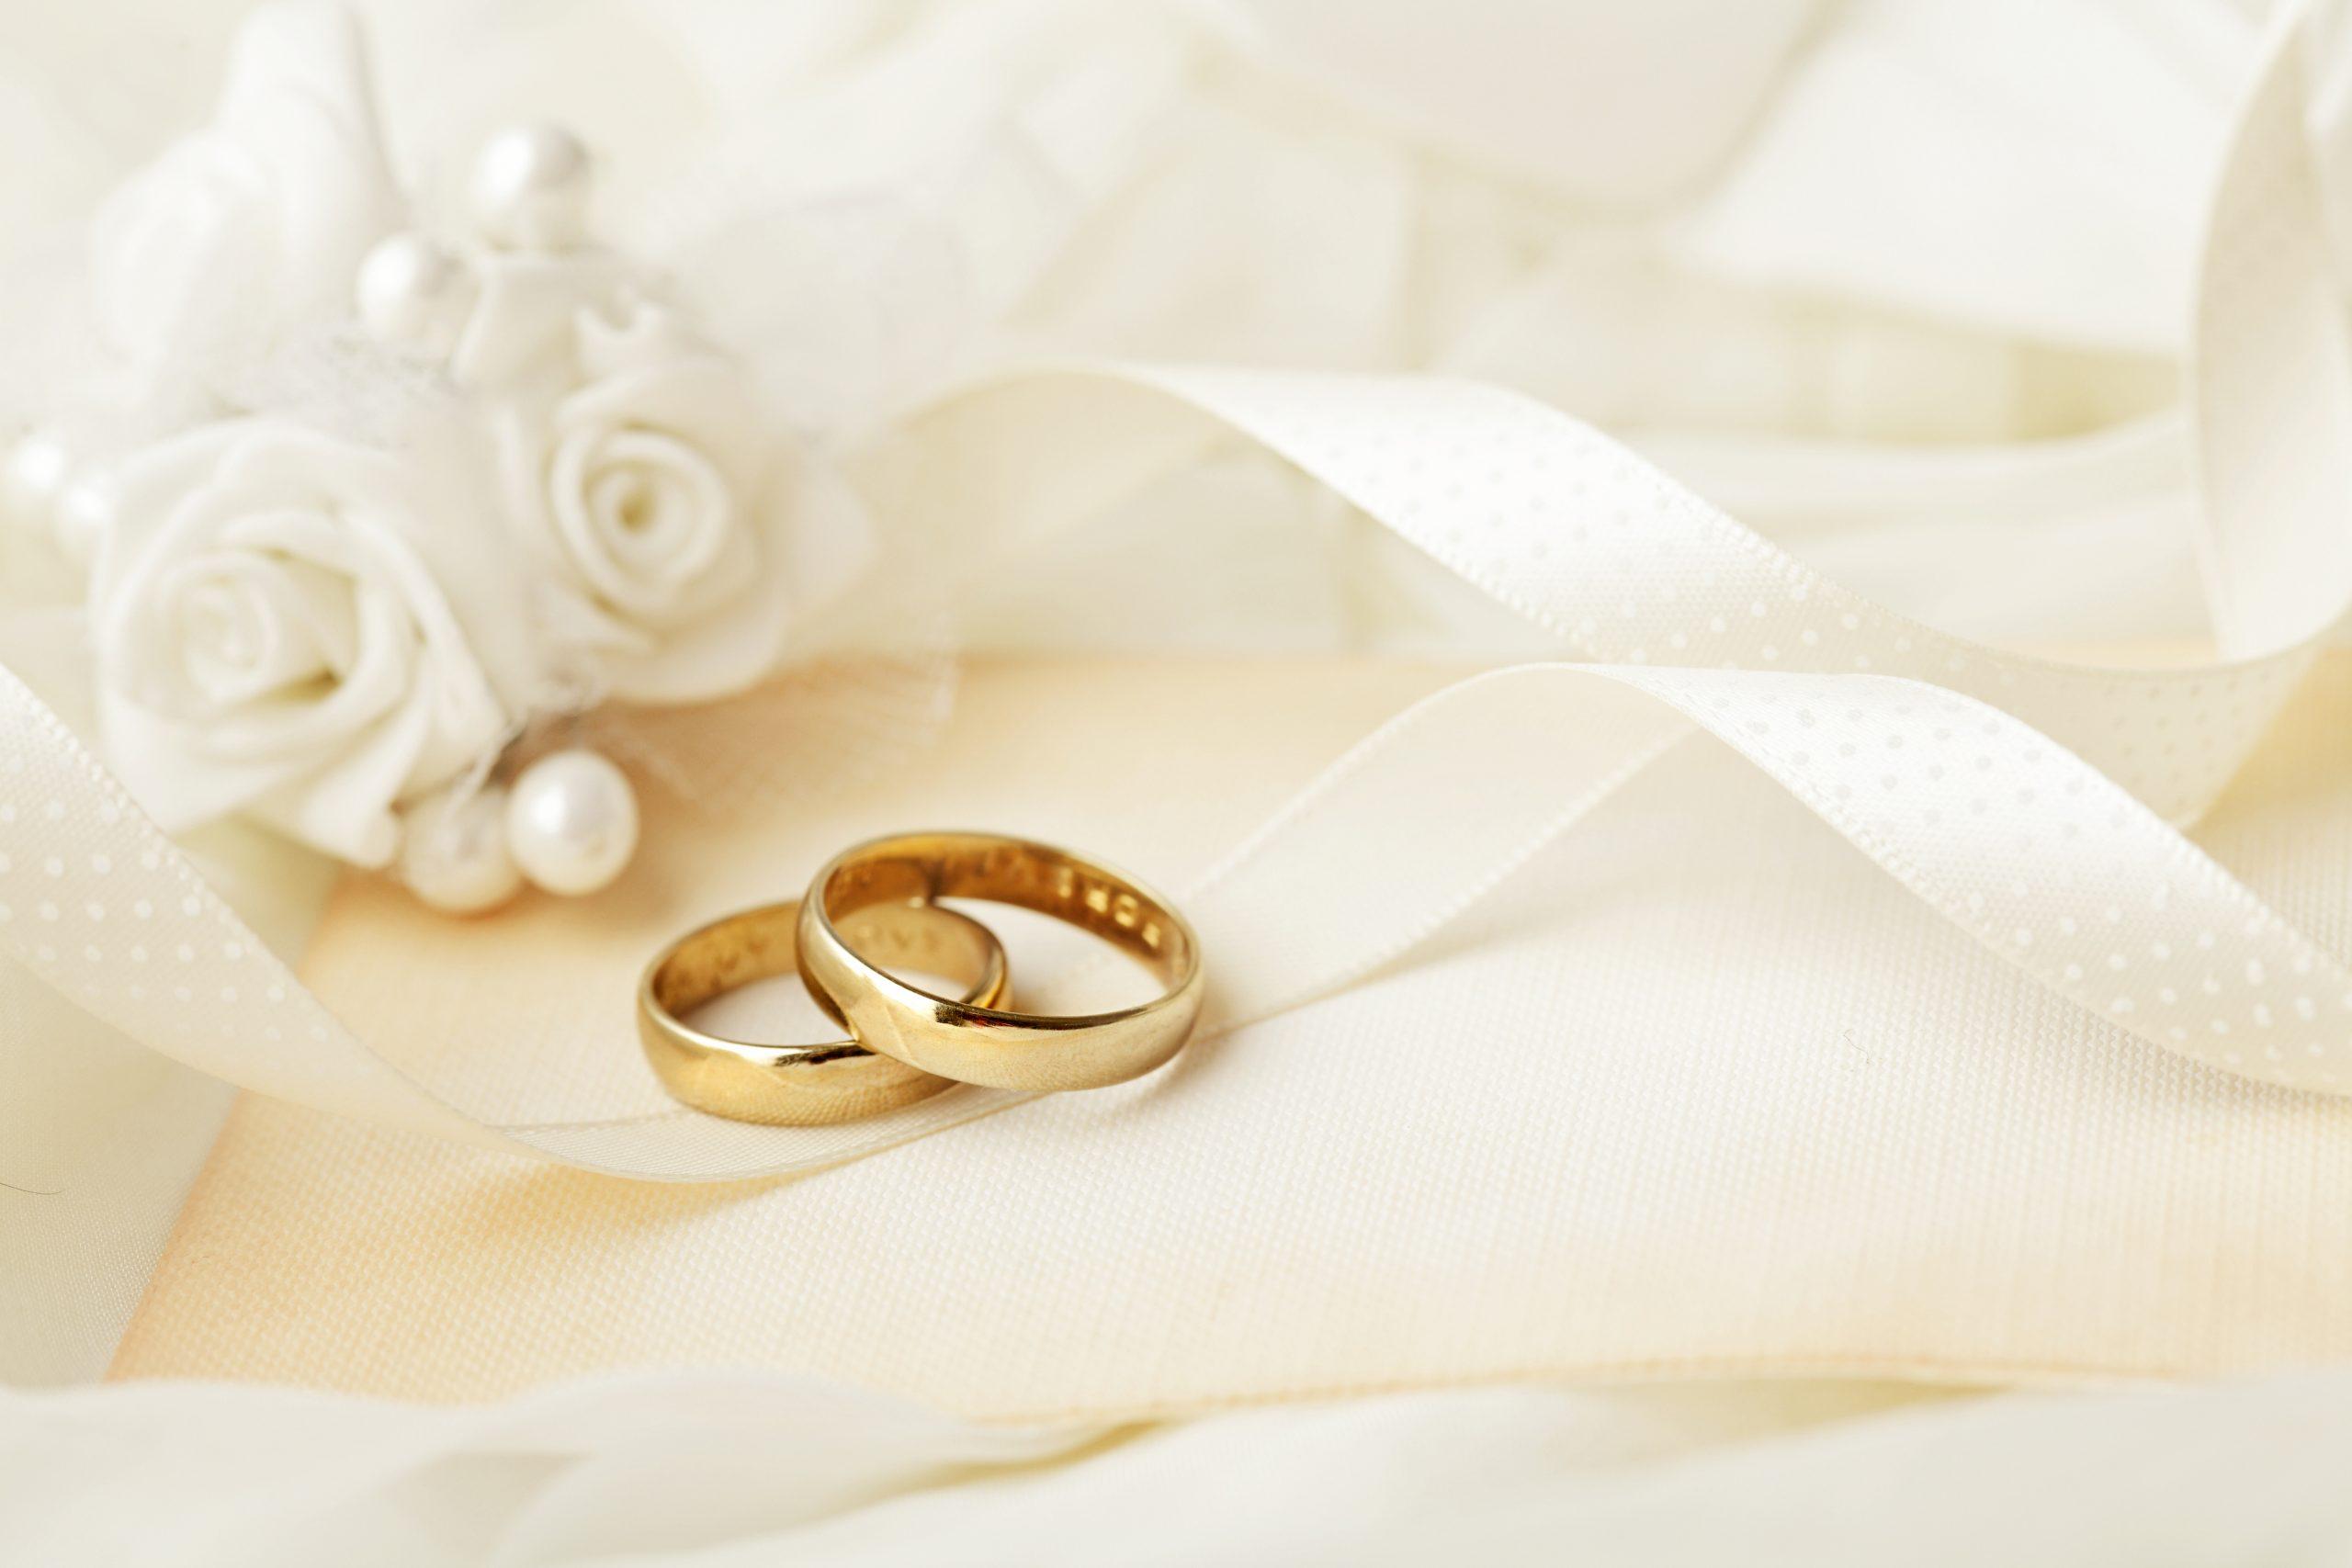 結婚占い~恋愛ご無沙汰⇒成婚叶う~ 『出会いナシ…結婚ムリ?』あなたの愛縁と幸せ